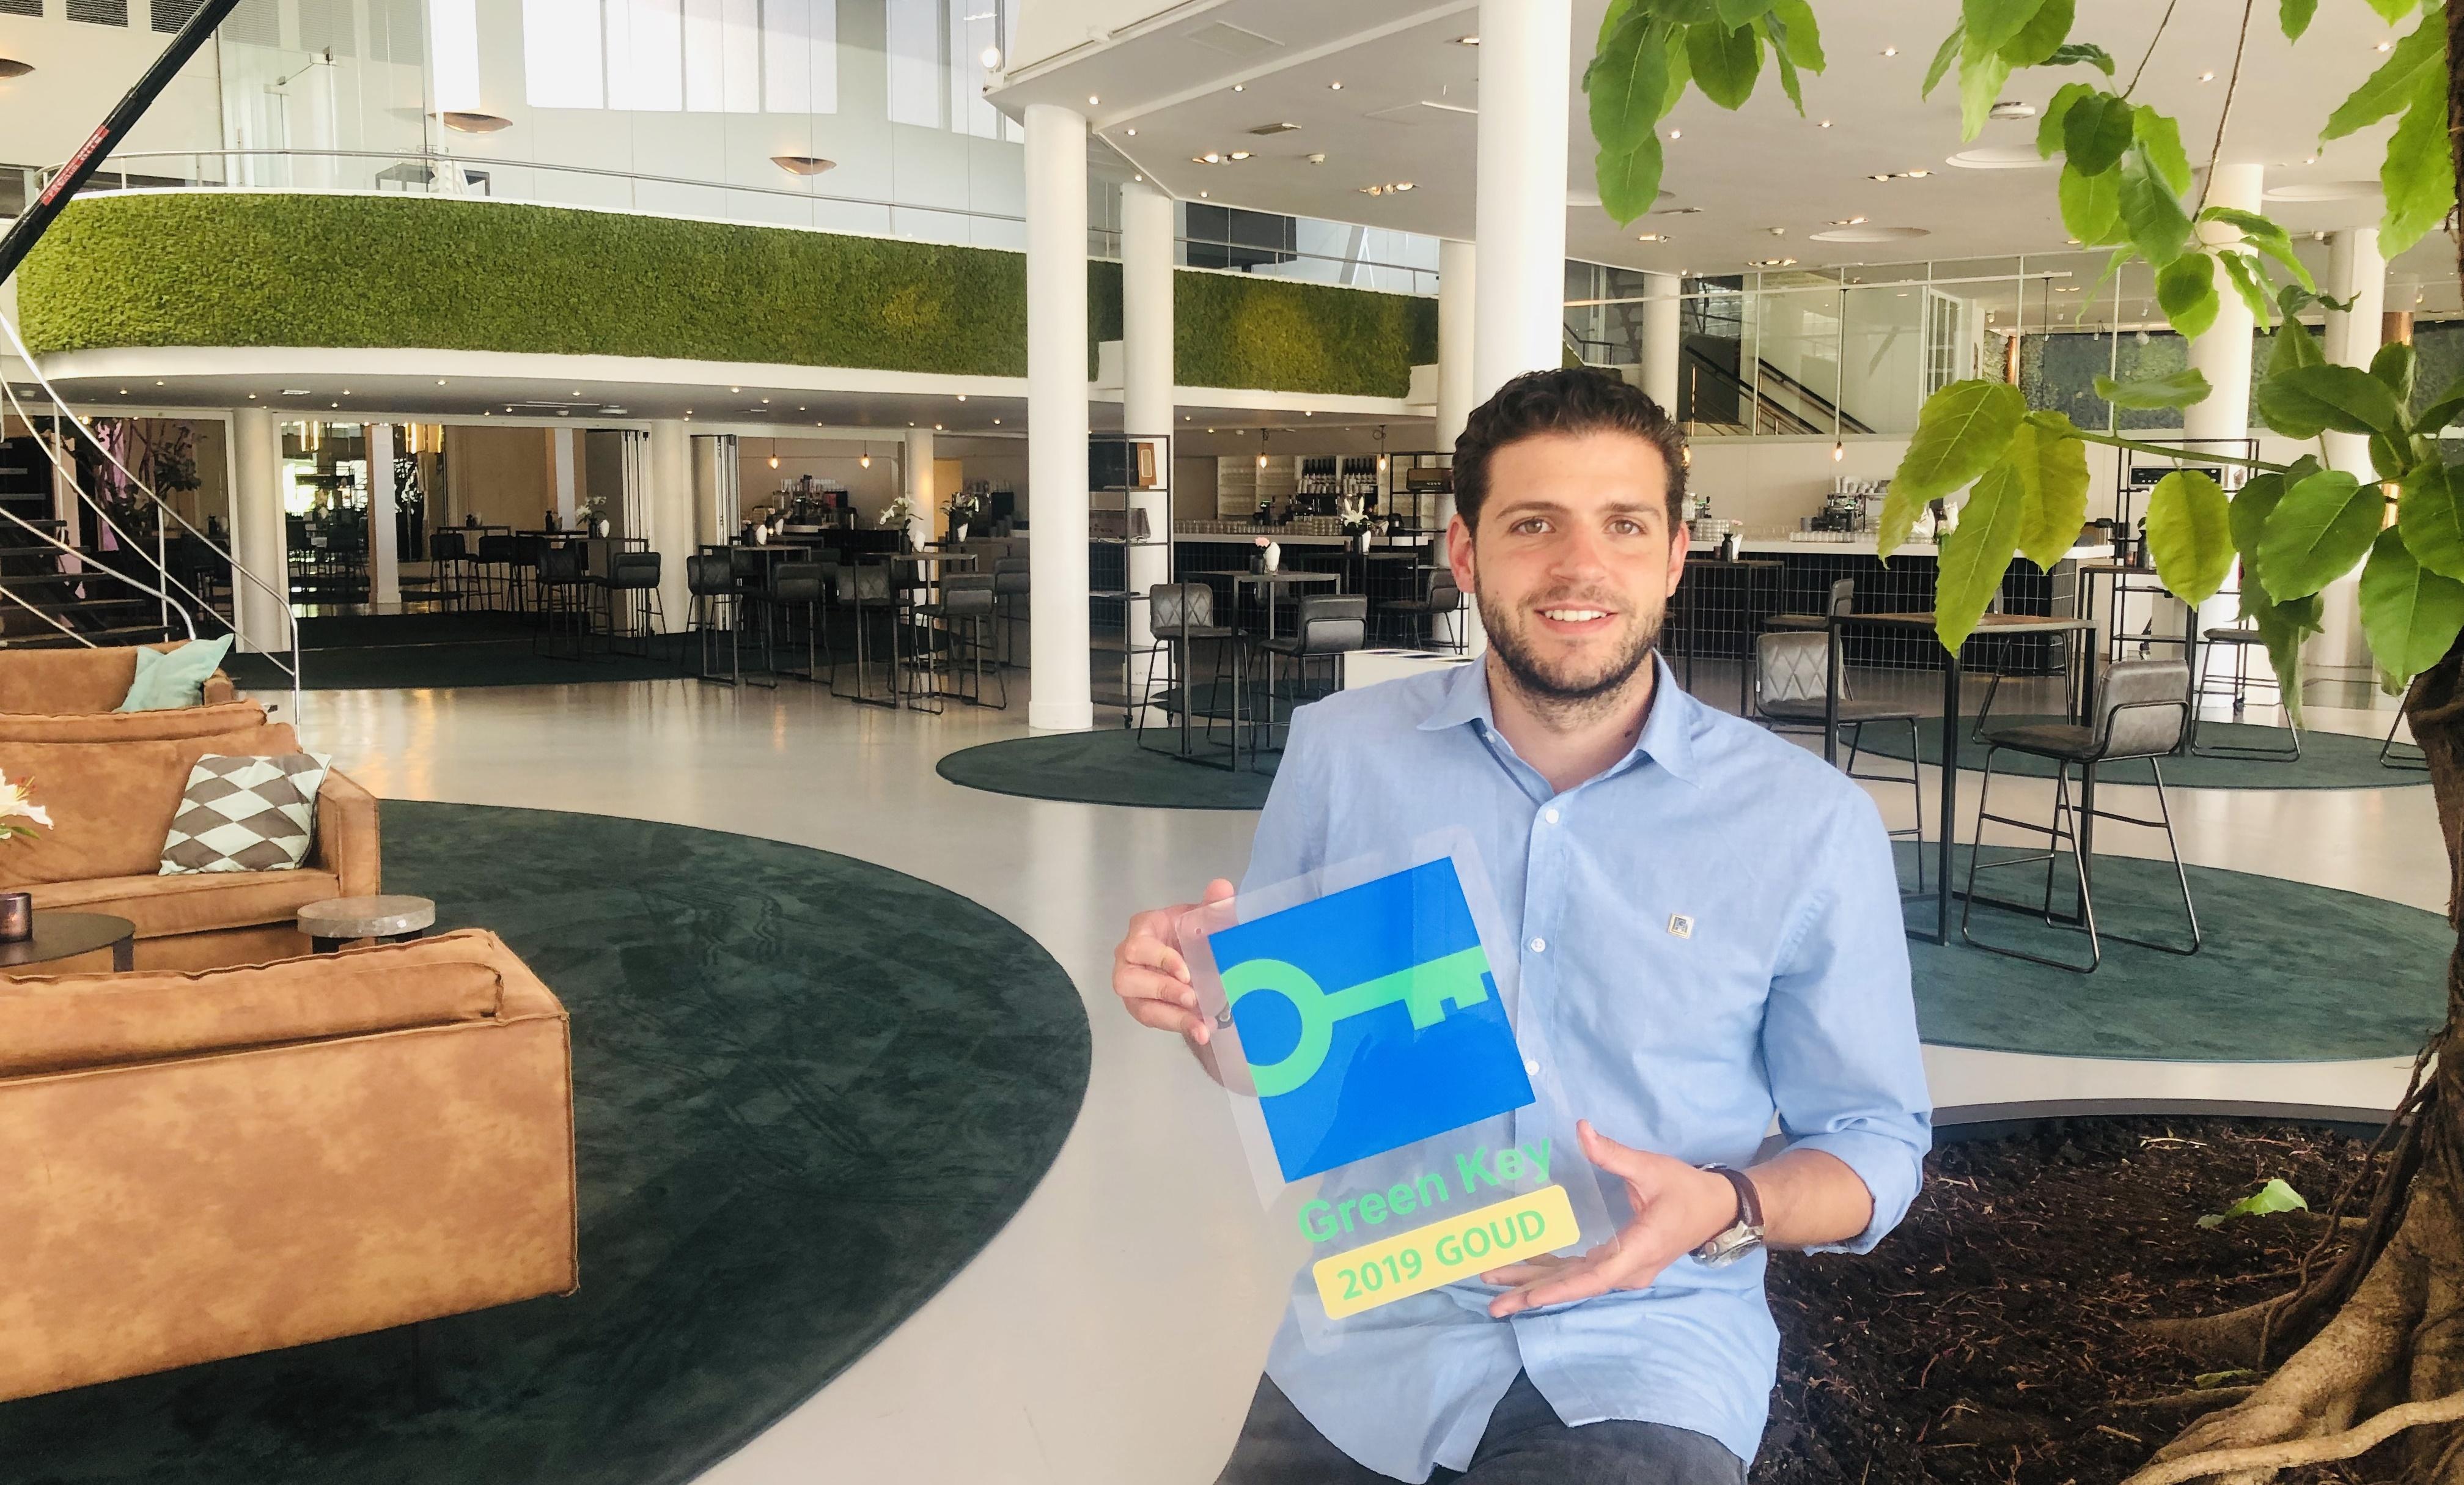 Locatiemanager Mathijs Schnell presenteert met trots het internationale duurzaamheidscertificaat Green Key Goud voor Gooiland.